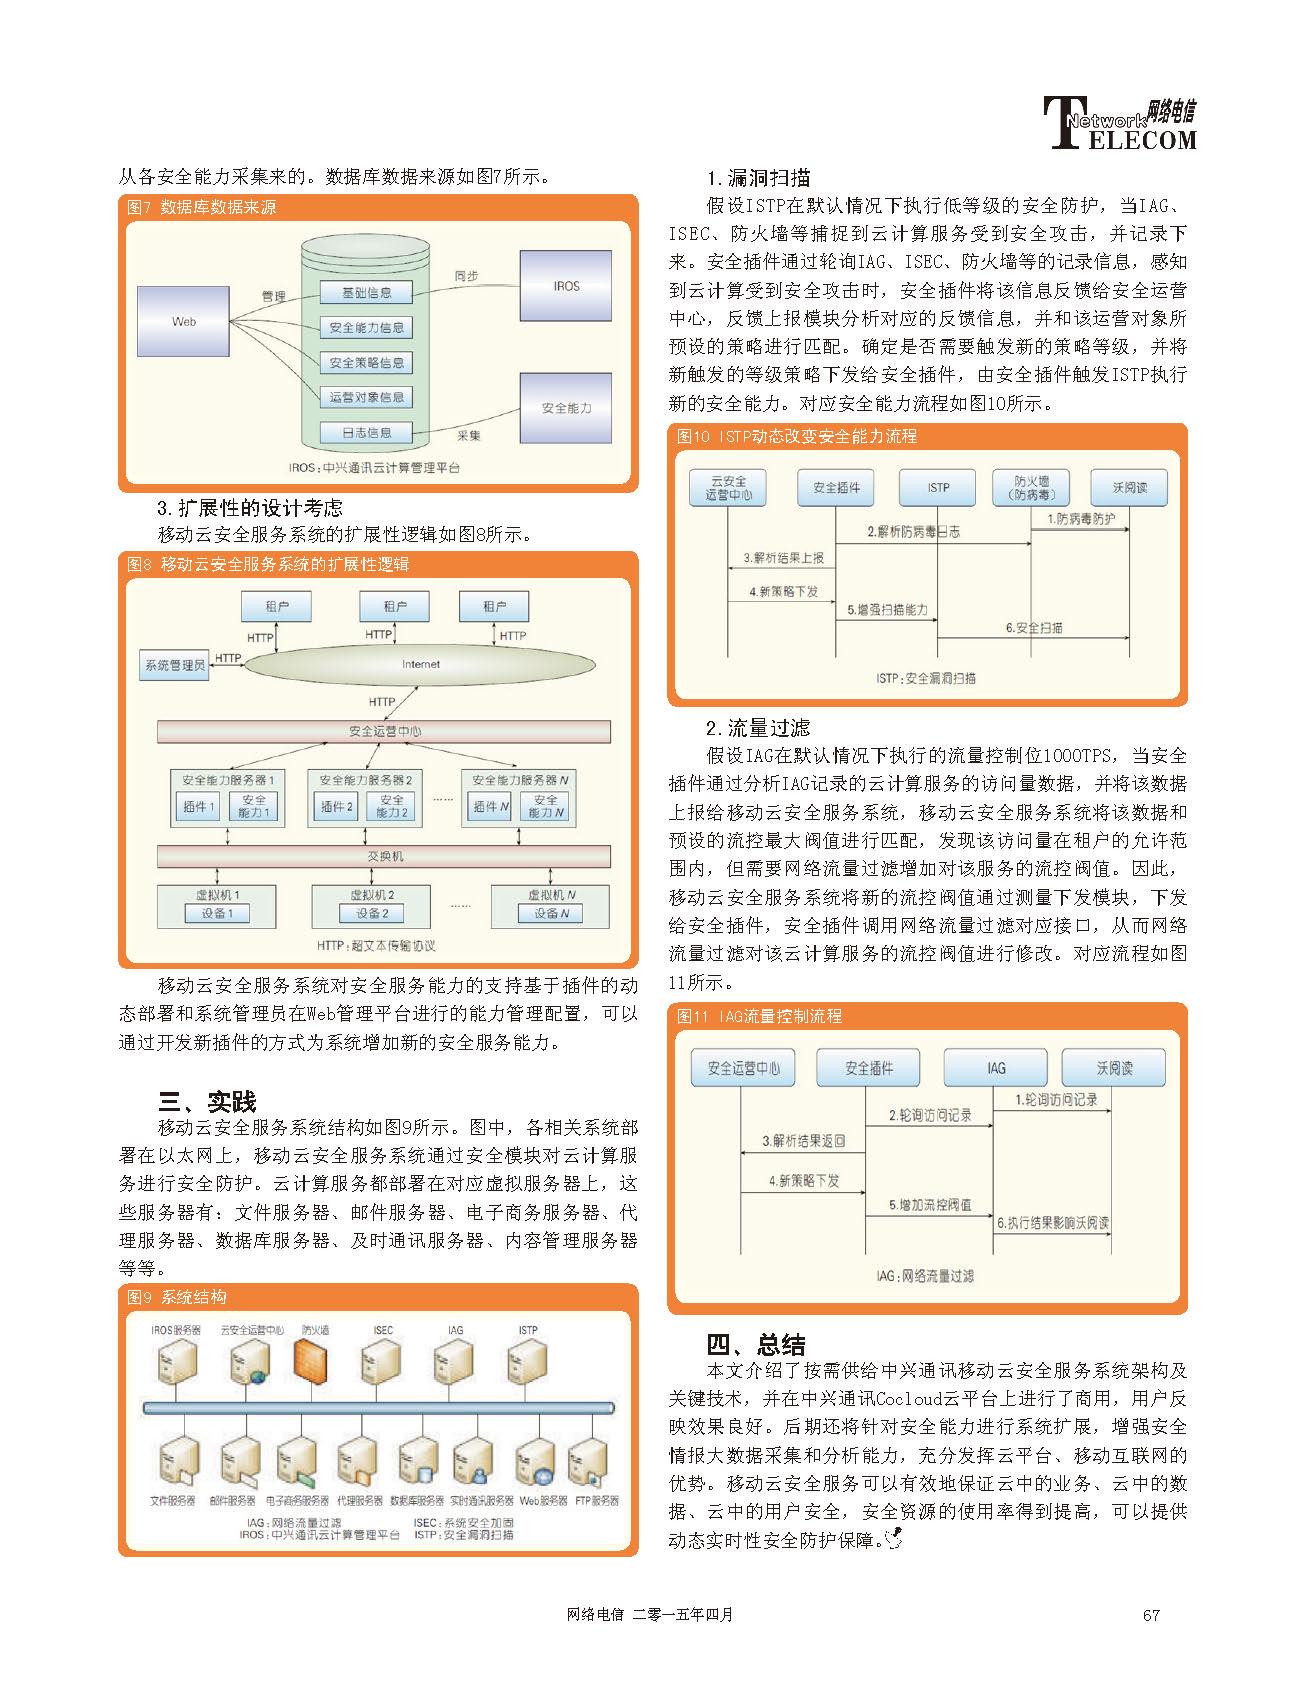 电信2015-04_页面_67.jpg